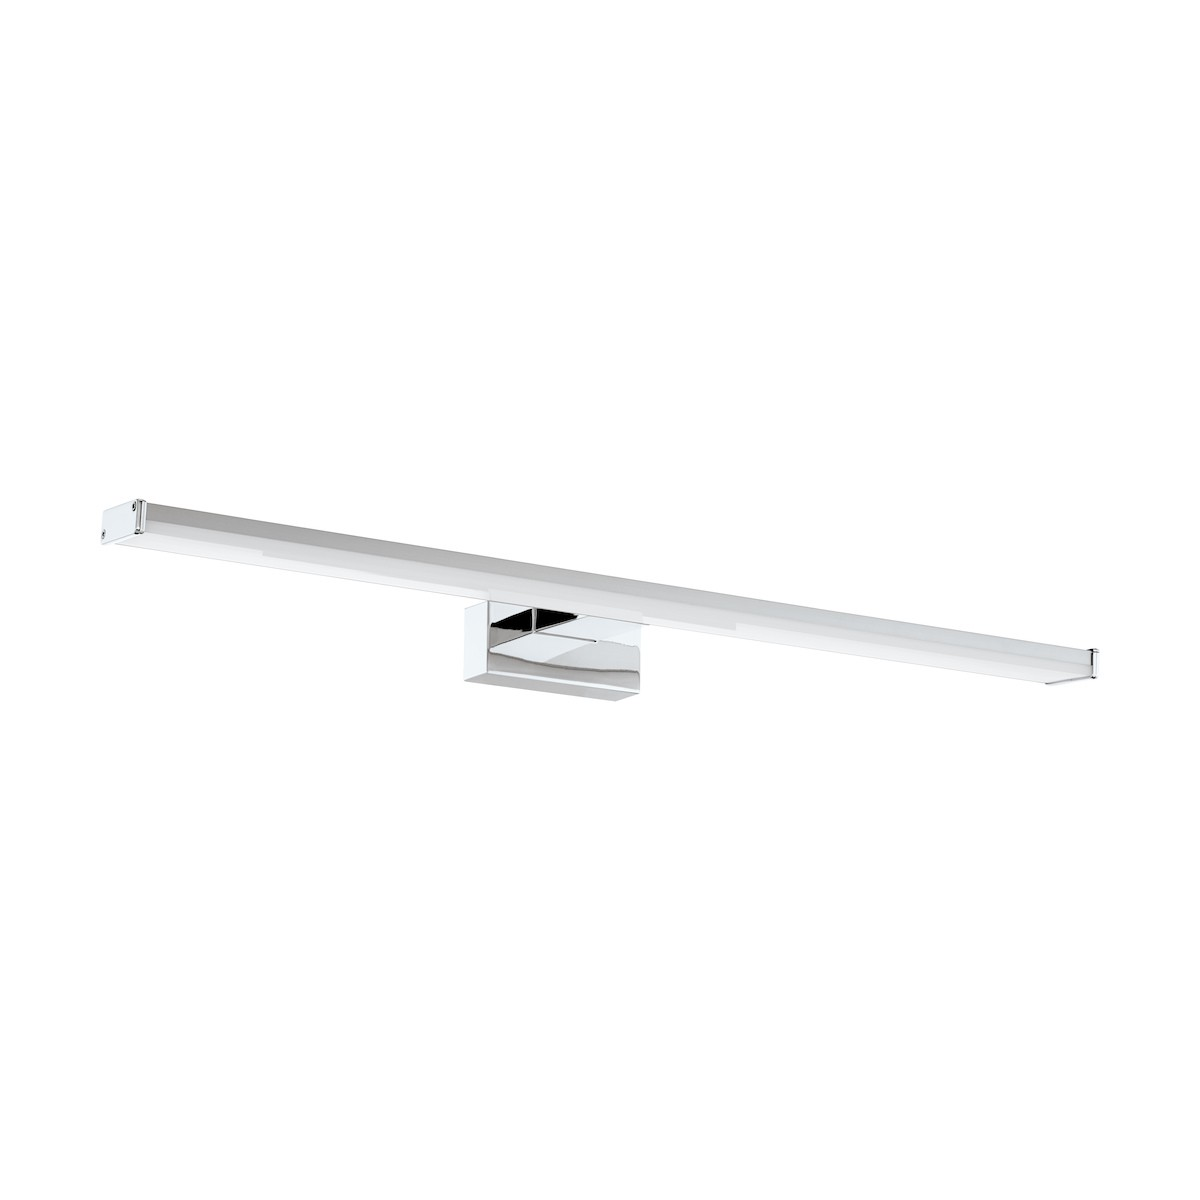 LED osvětlení Eglo Pandella 60x4,2 cm kov chrom 96065